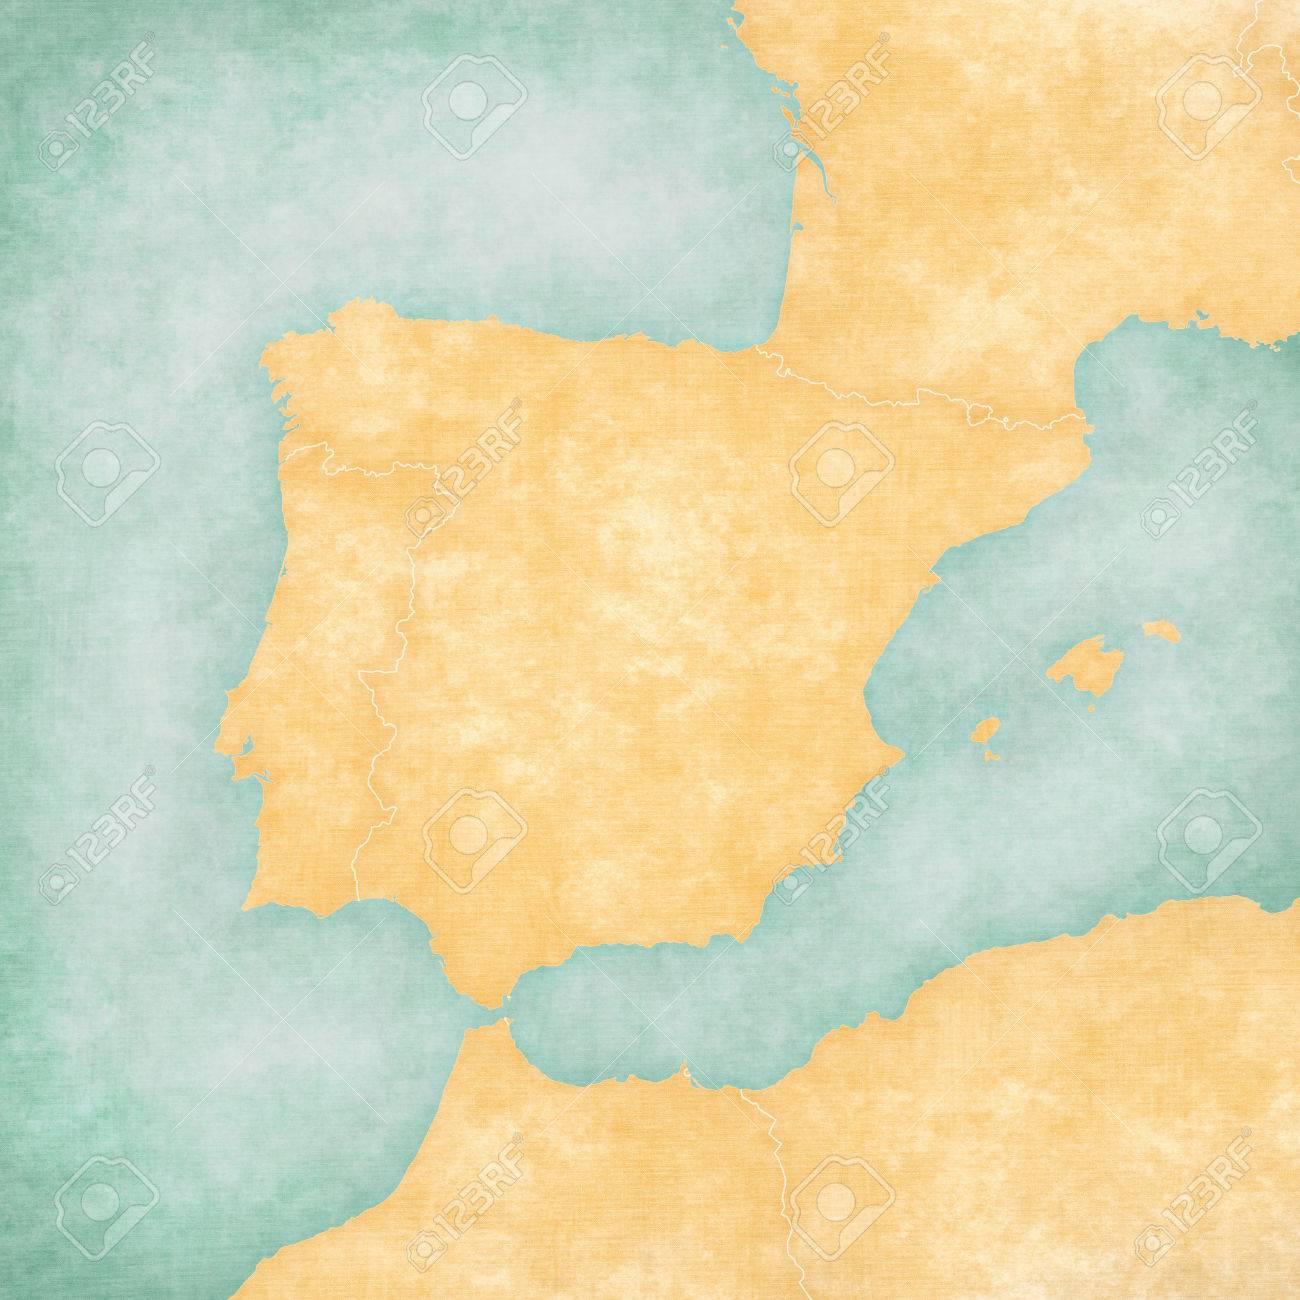 Mapa En Blanco De La Península Ibérica Con Las Fronteras Del País En Grunge Suave Y Estilo Vintage En Papel Viejo Fotos Retratos Imágenes Y Fotografía De Archivo Libres De Derecho Image